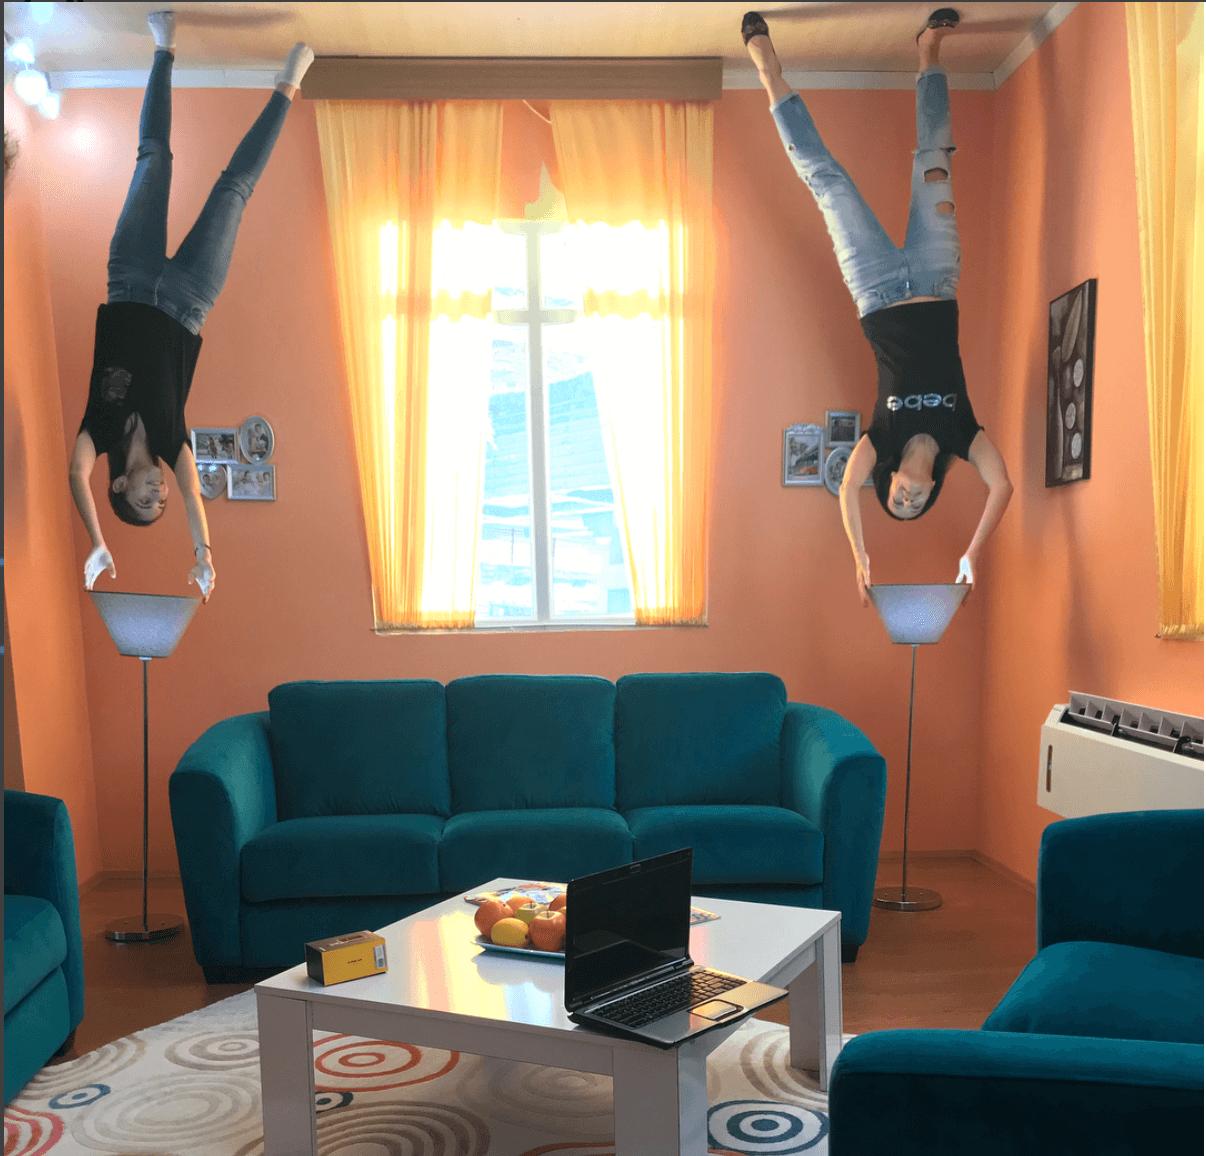 البيت المقلوب في انطاليا